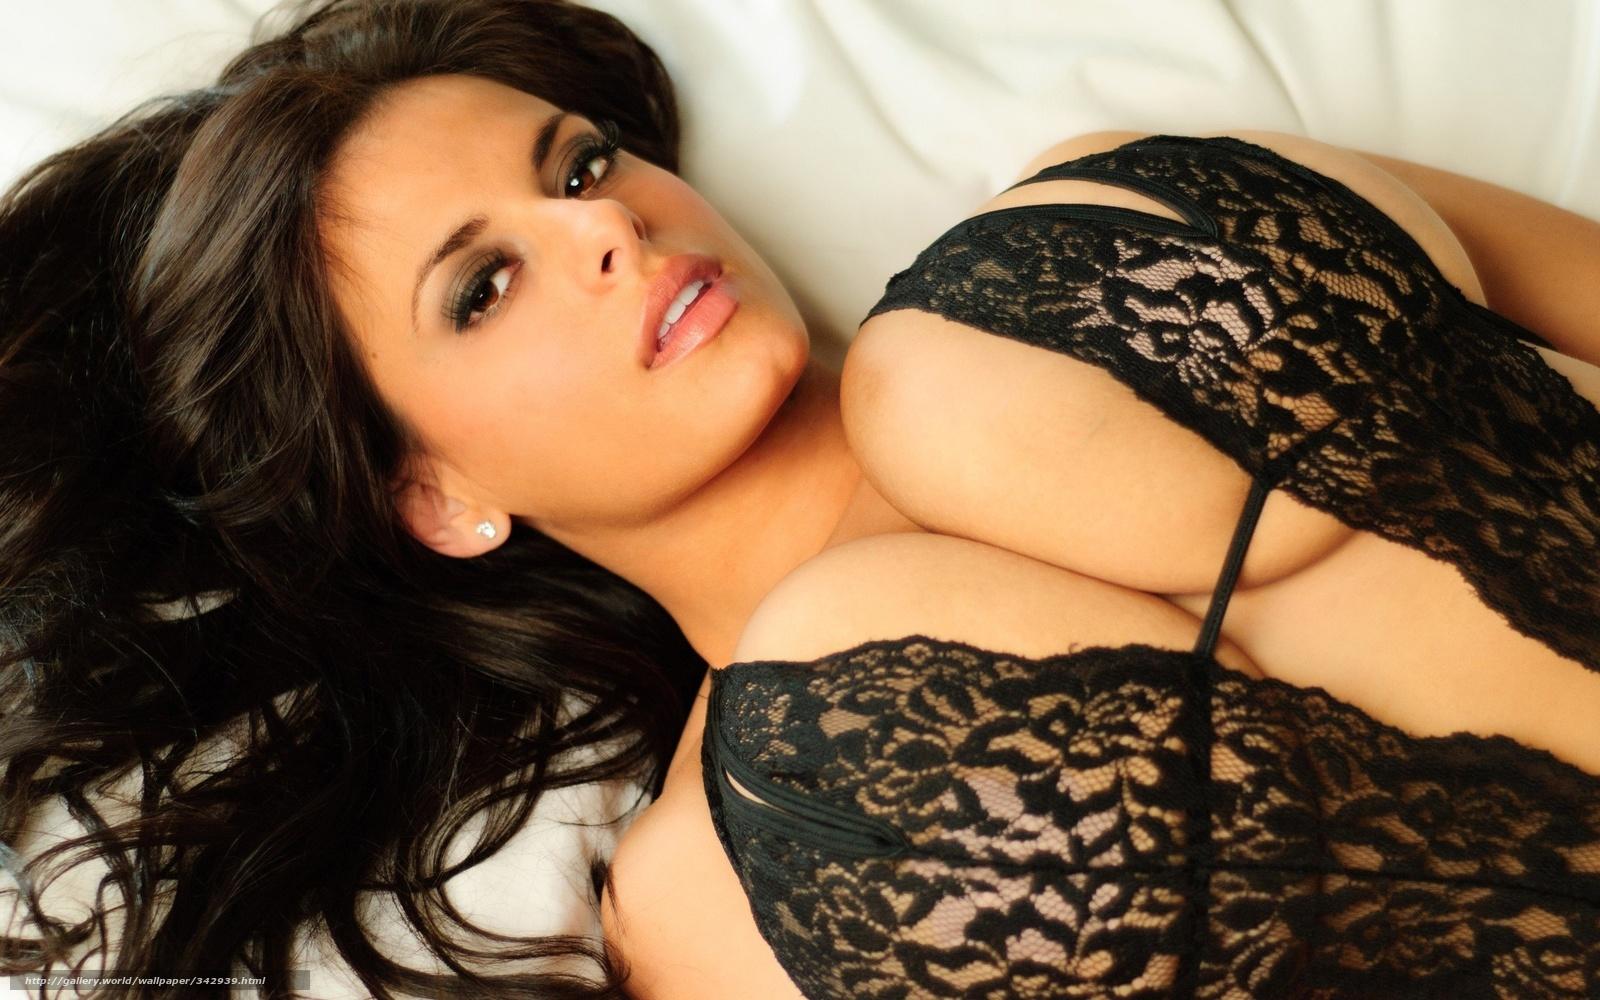 Смотреть онлайн бесплатно в хорошем качестве эротика жена с большой натуральной грудью 17 фотография